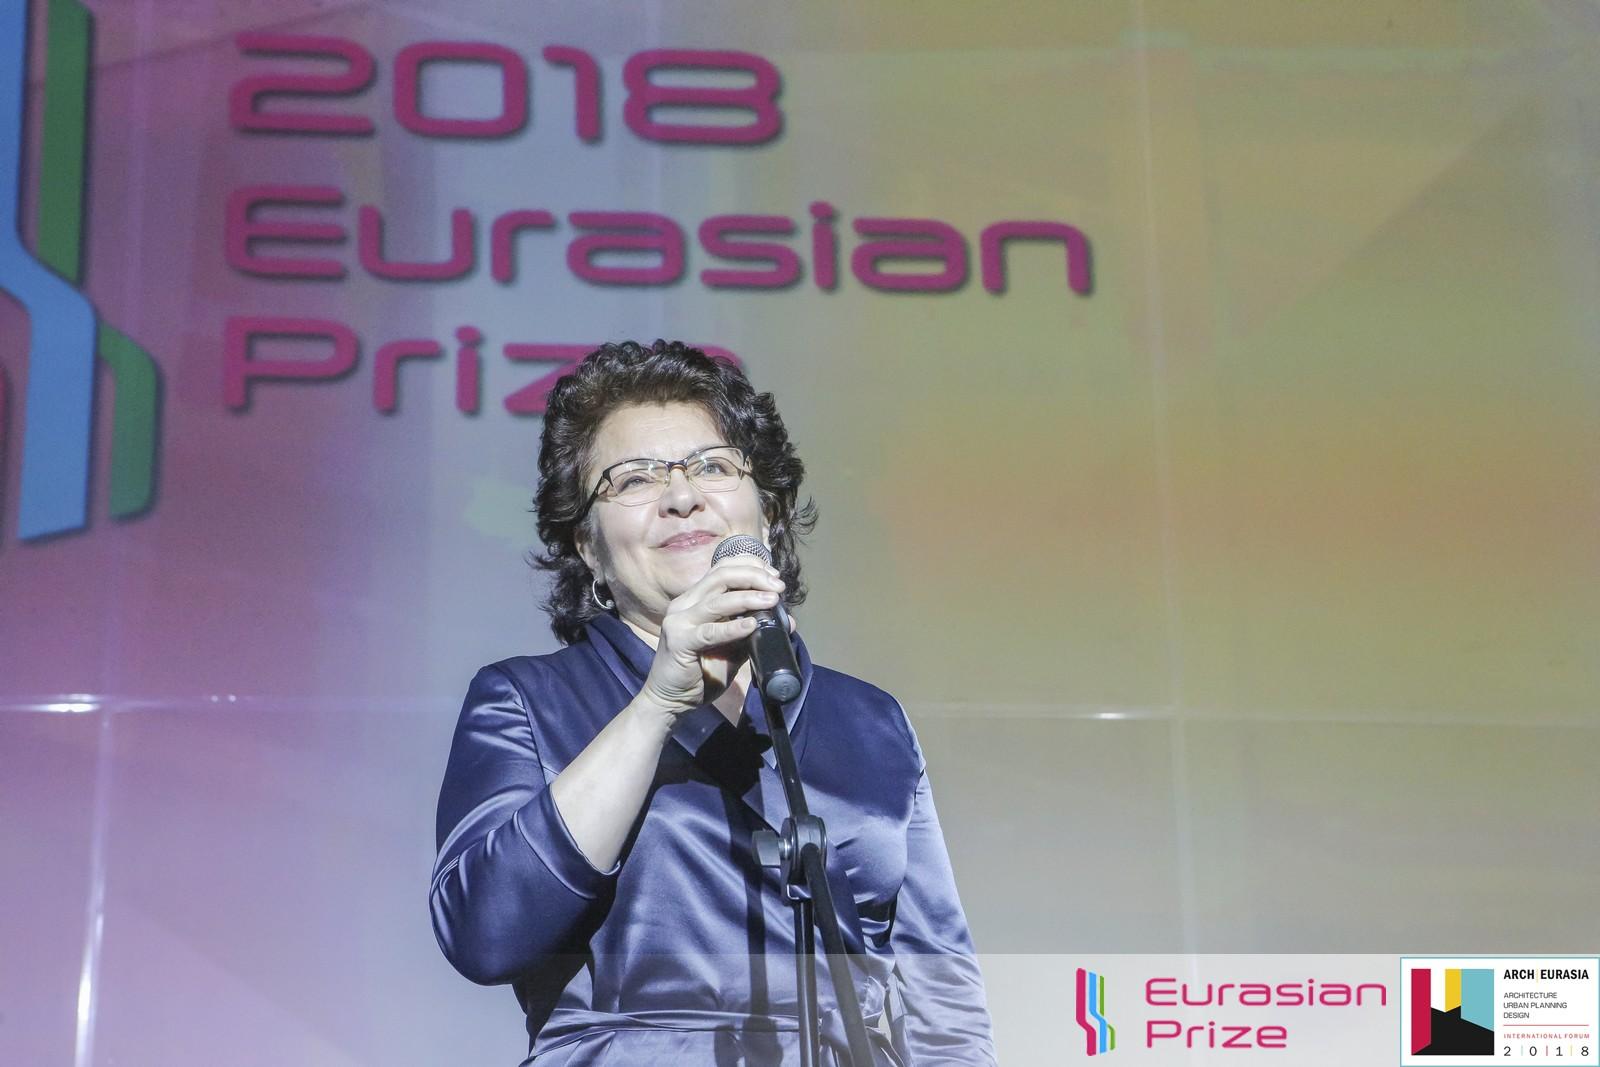 Евразийская Премия_Eurasian Prize 2018_Ахьямова И.А. ЕАСИ